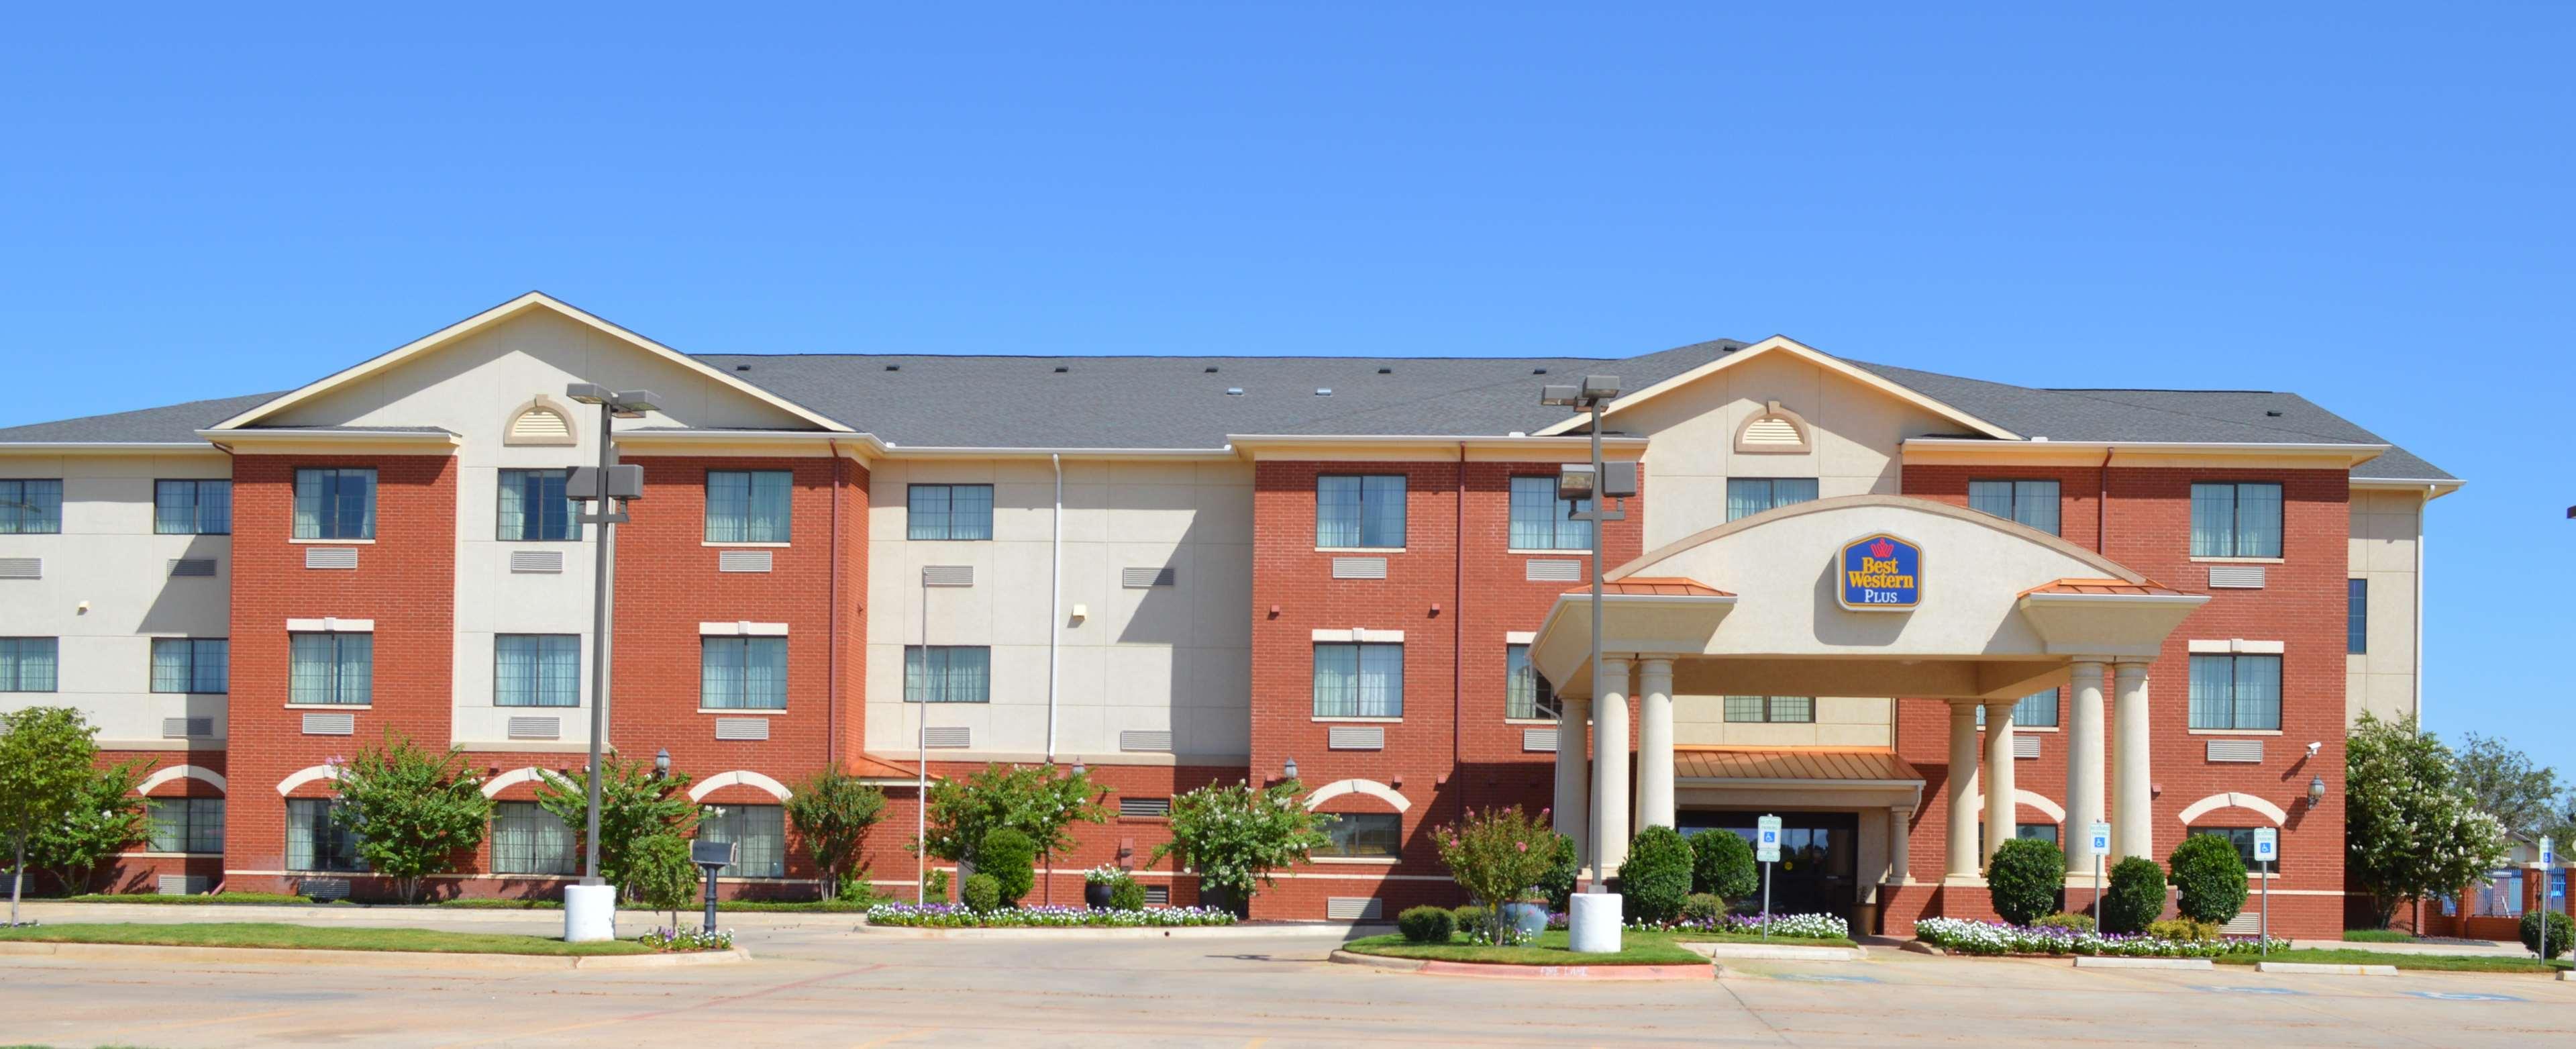 Best Western Hotel In Grand Rapids Mi